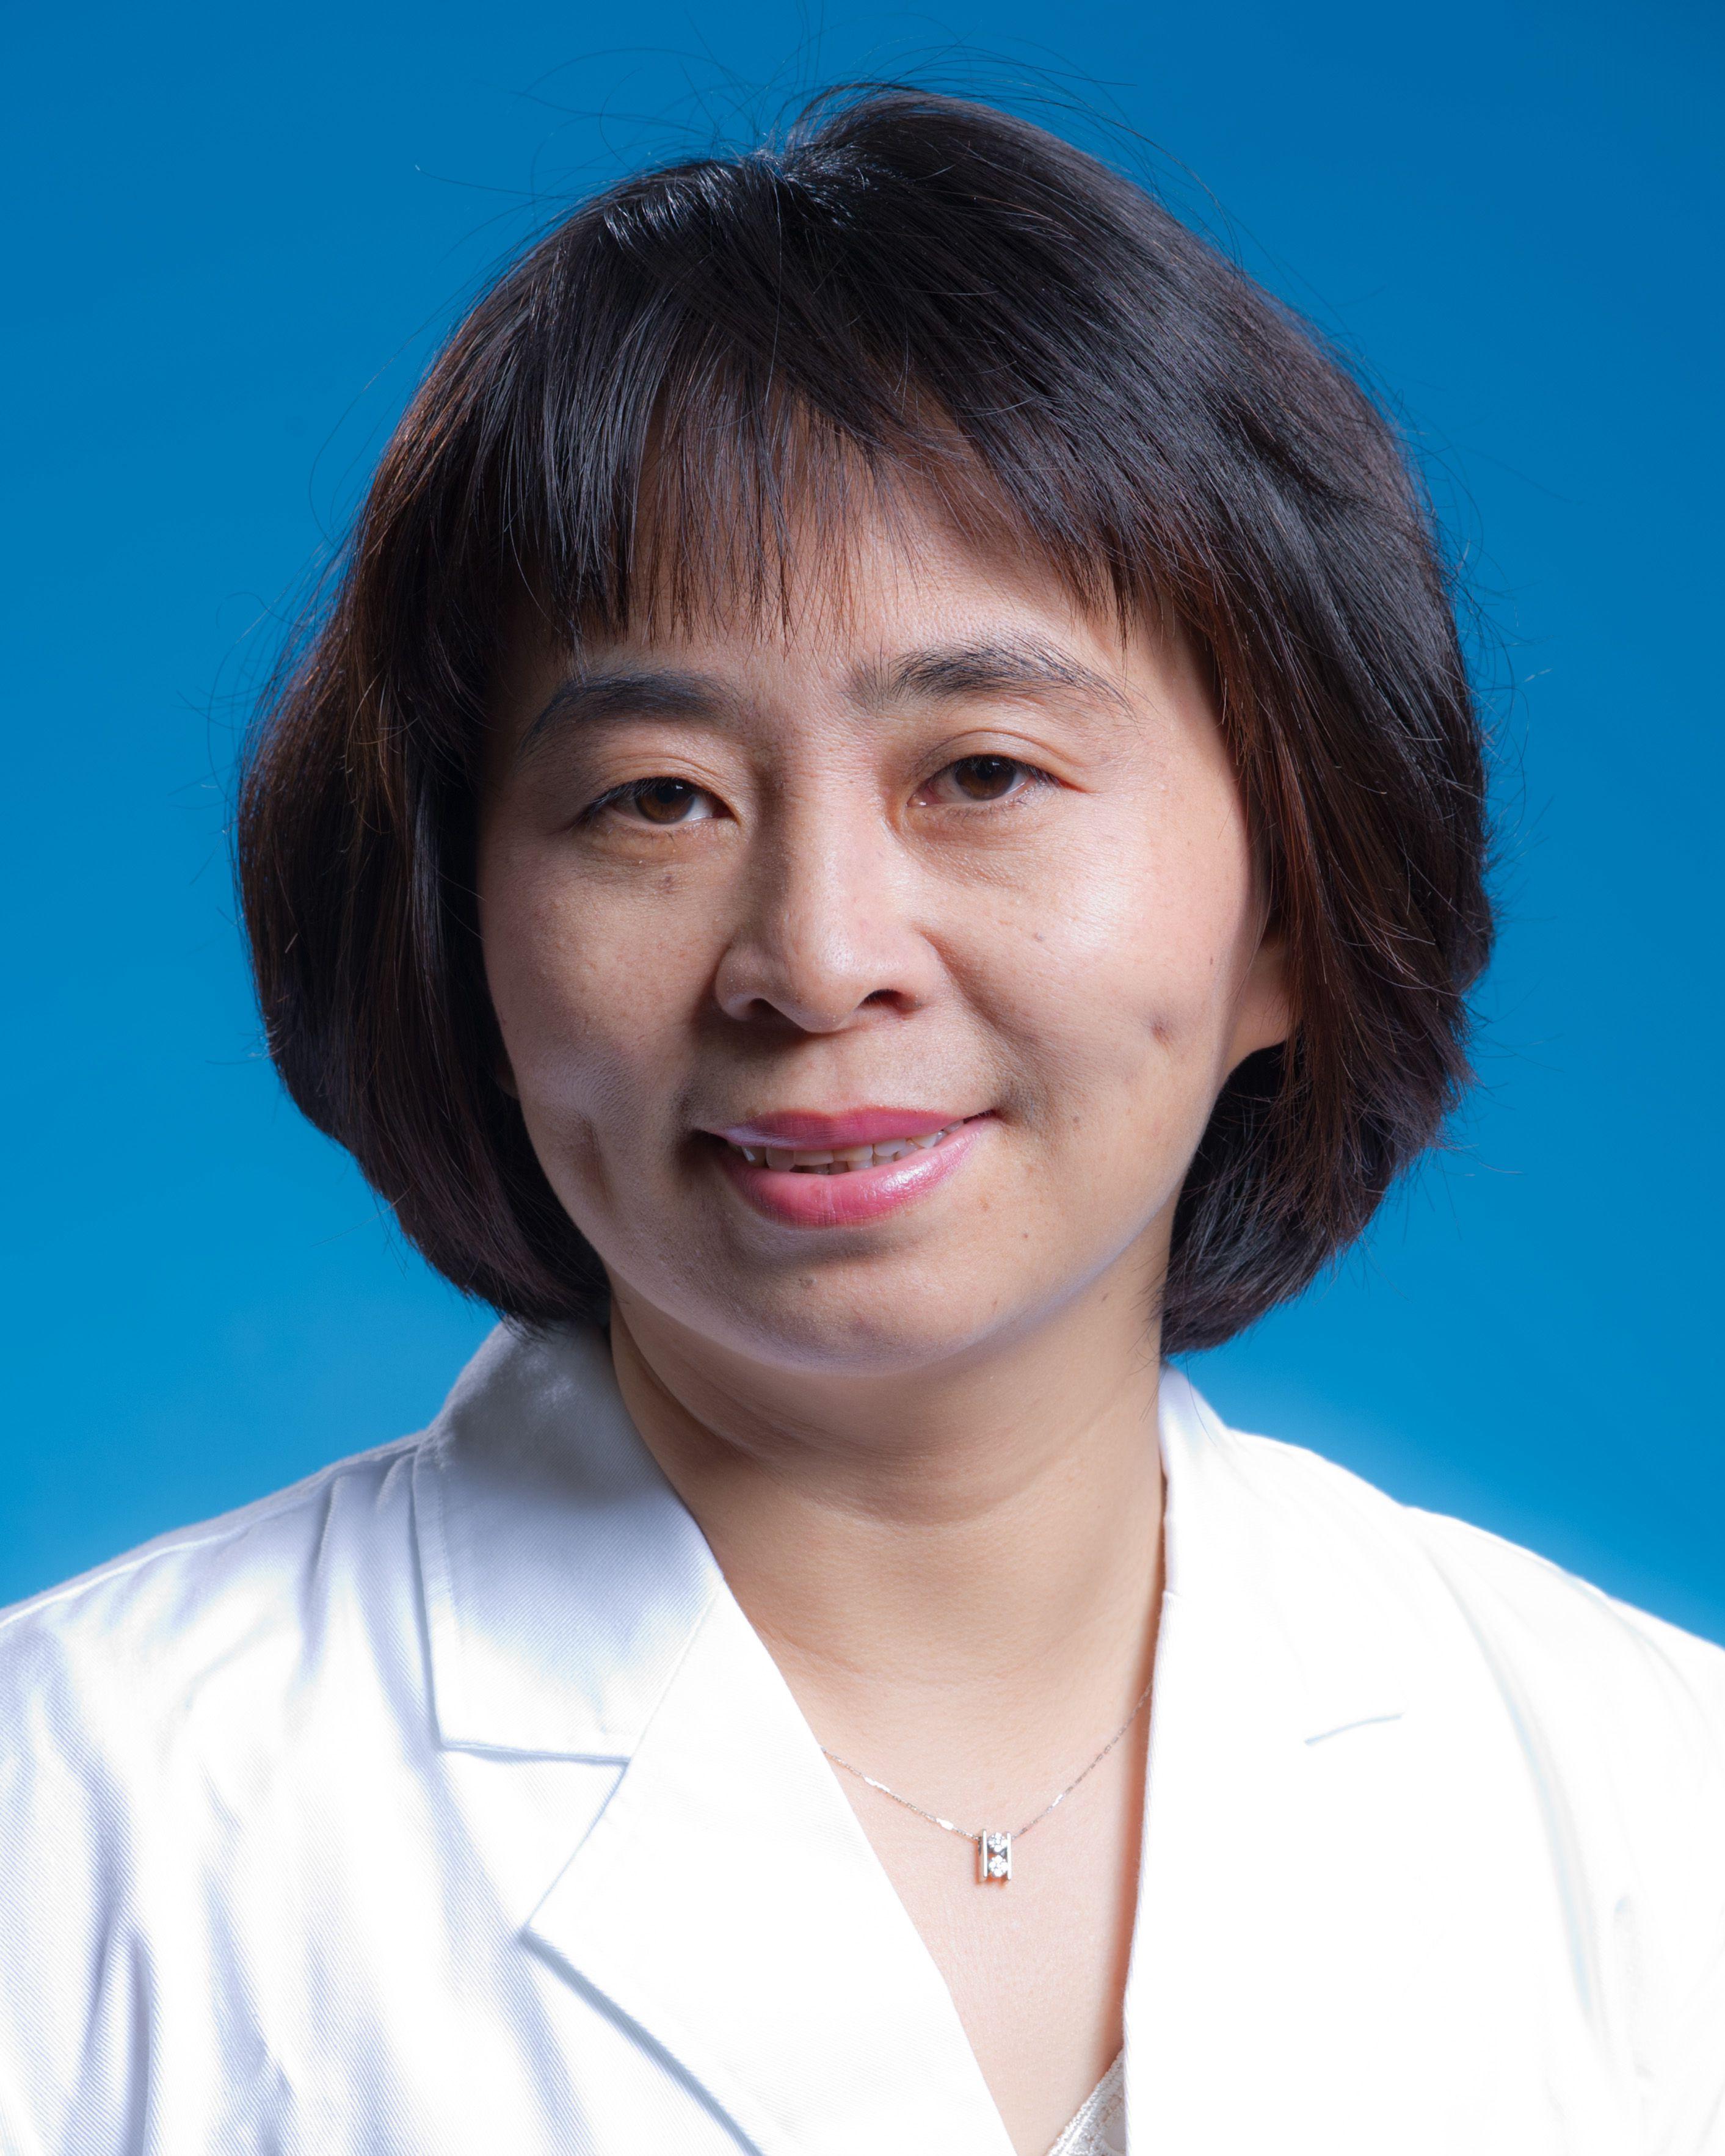 Zhang Qingling